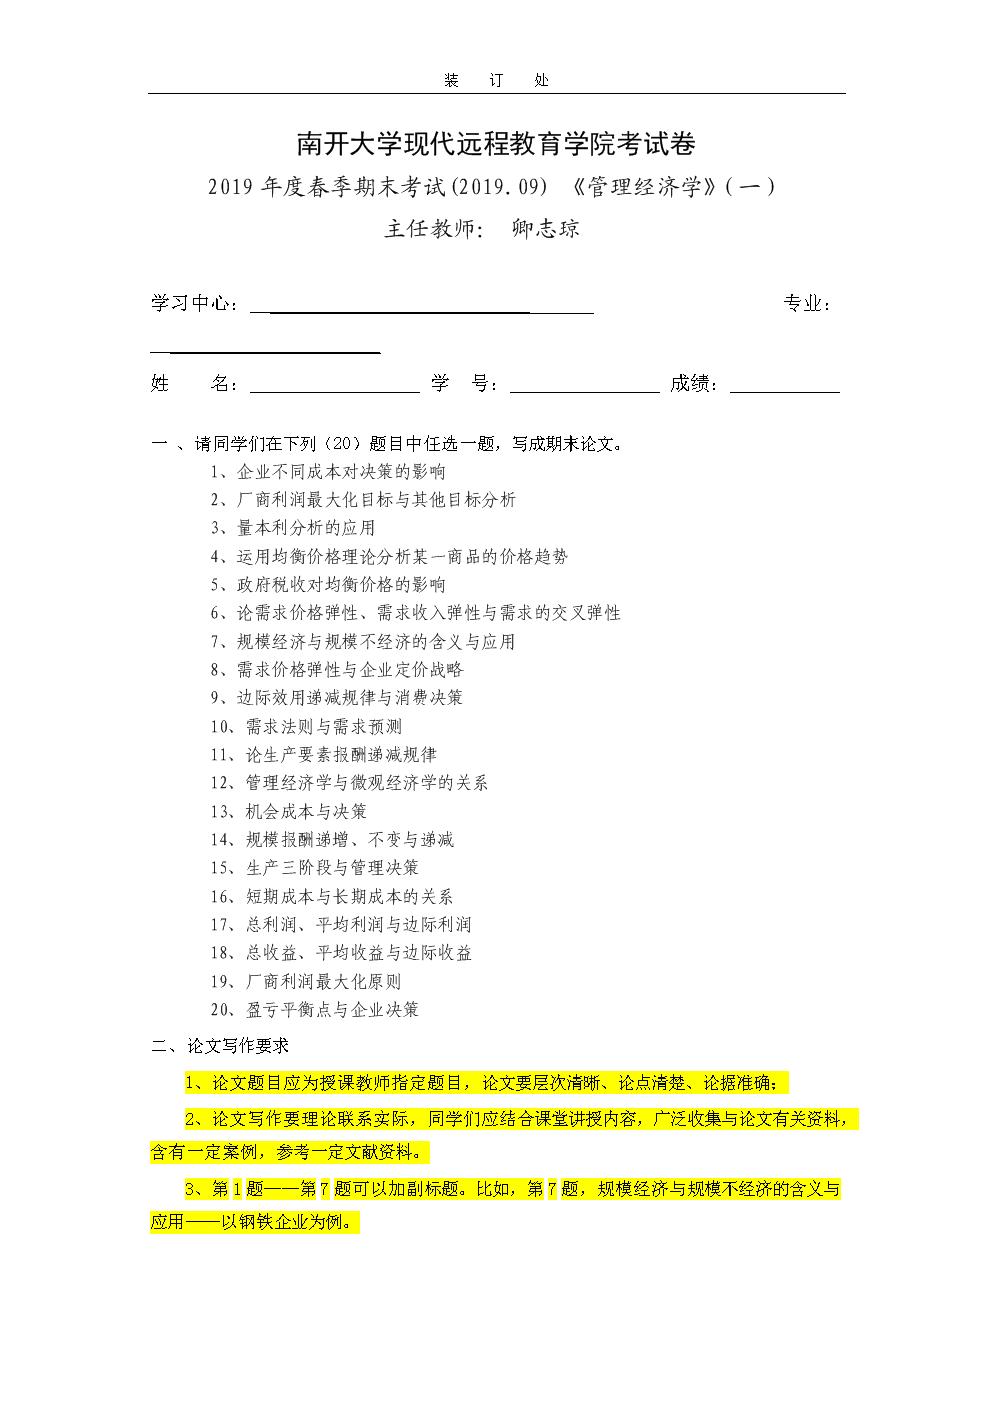 南开大学19年9月考试《管理经济学(一)》考核要求【答案】.doc